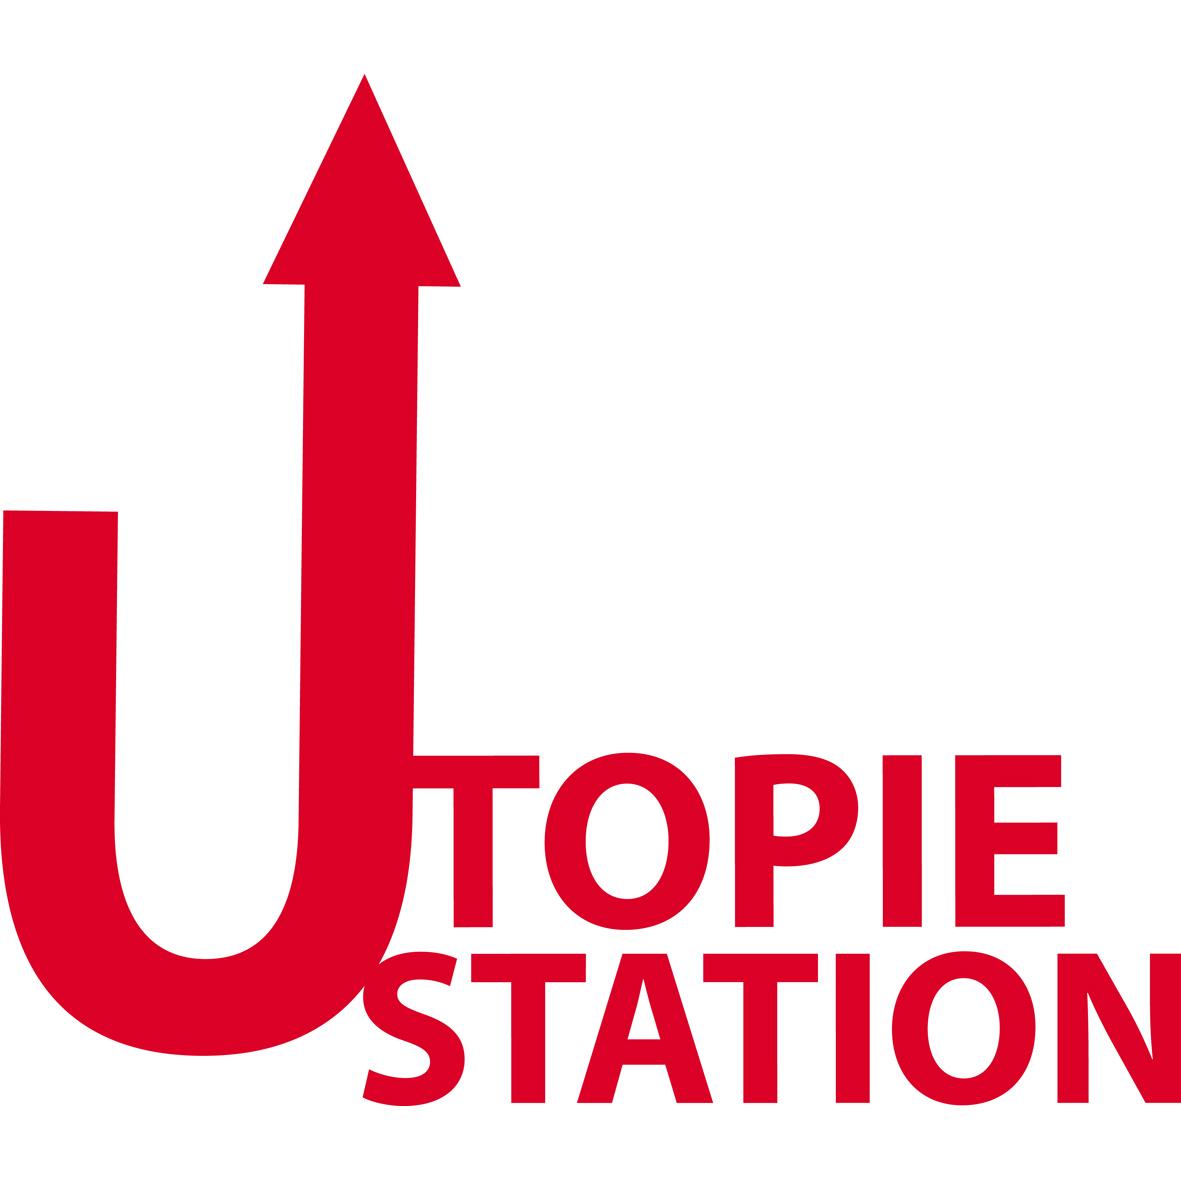 Logo der Reihe Utopie Station des NTM